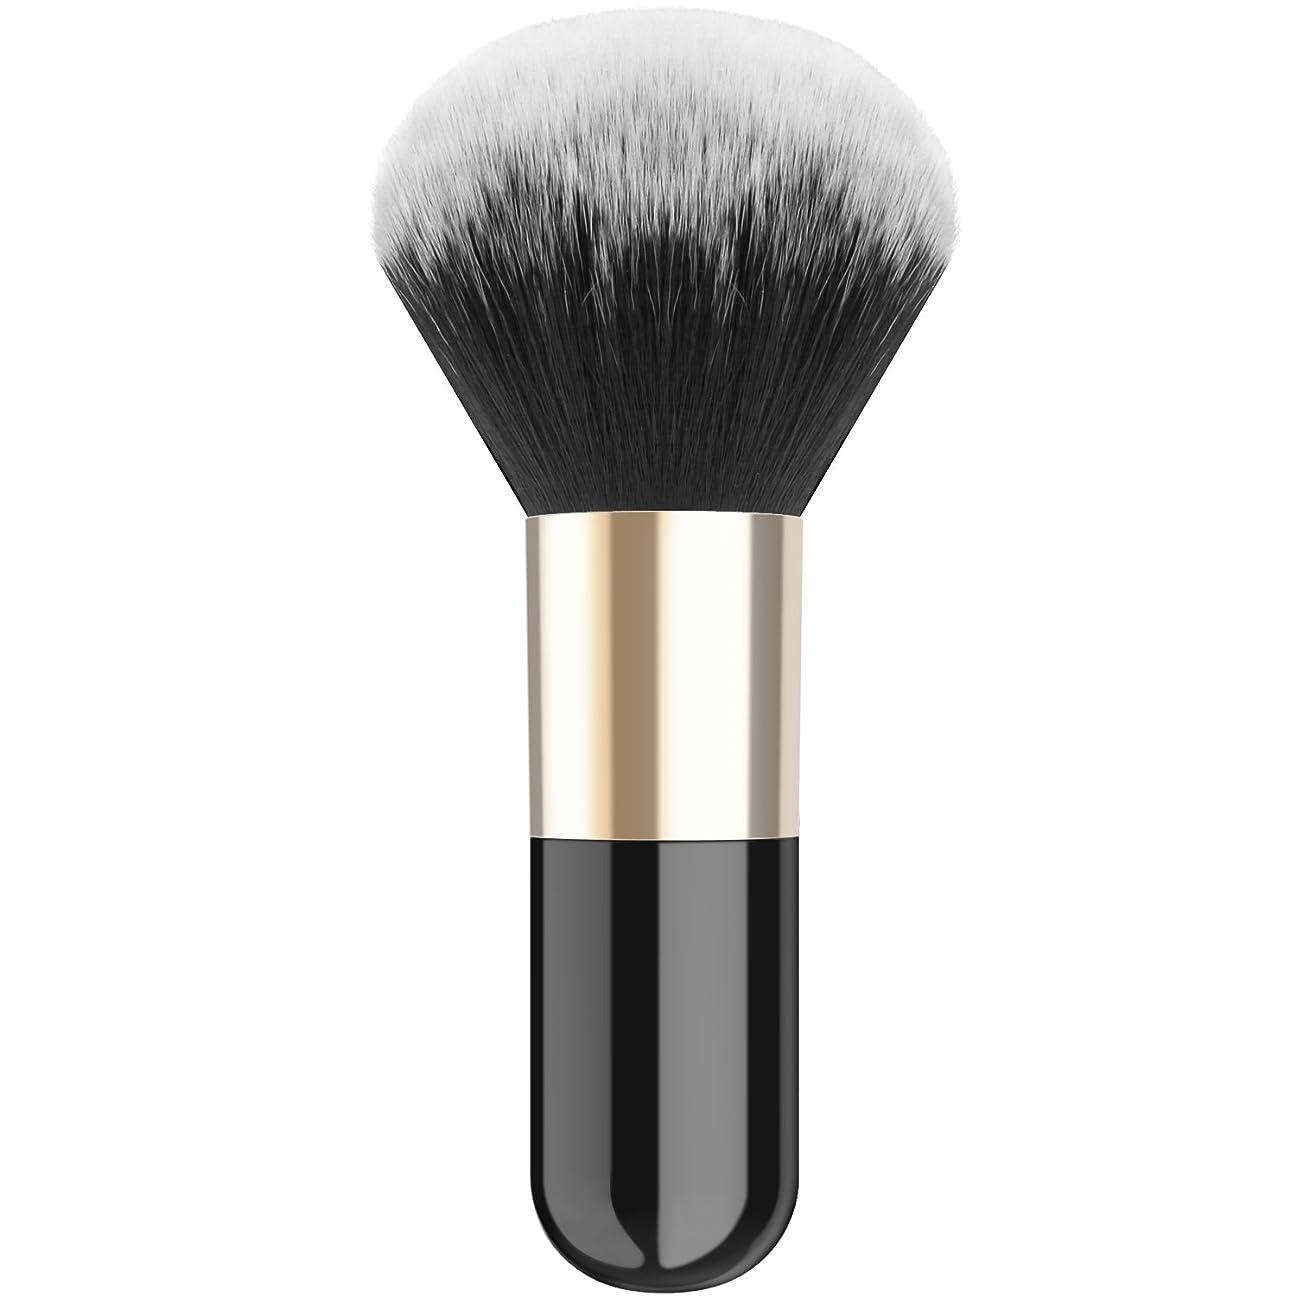 直立泥棒メトリックファンデーションブラシ - Luxspire メイクブラシ 化粧筆 コスメブラシ 繊細な人工毛 毛質やわらかい 肌に優しい - Black